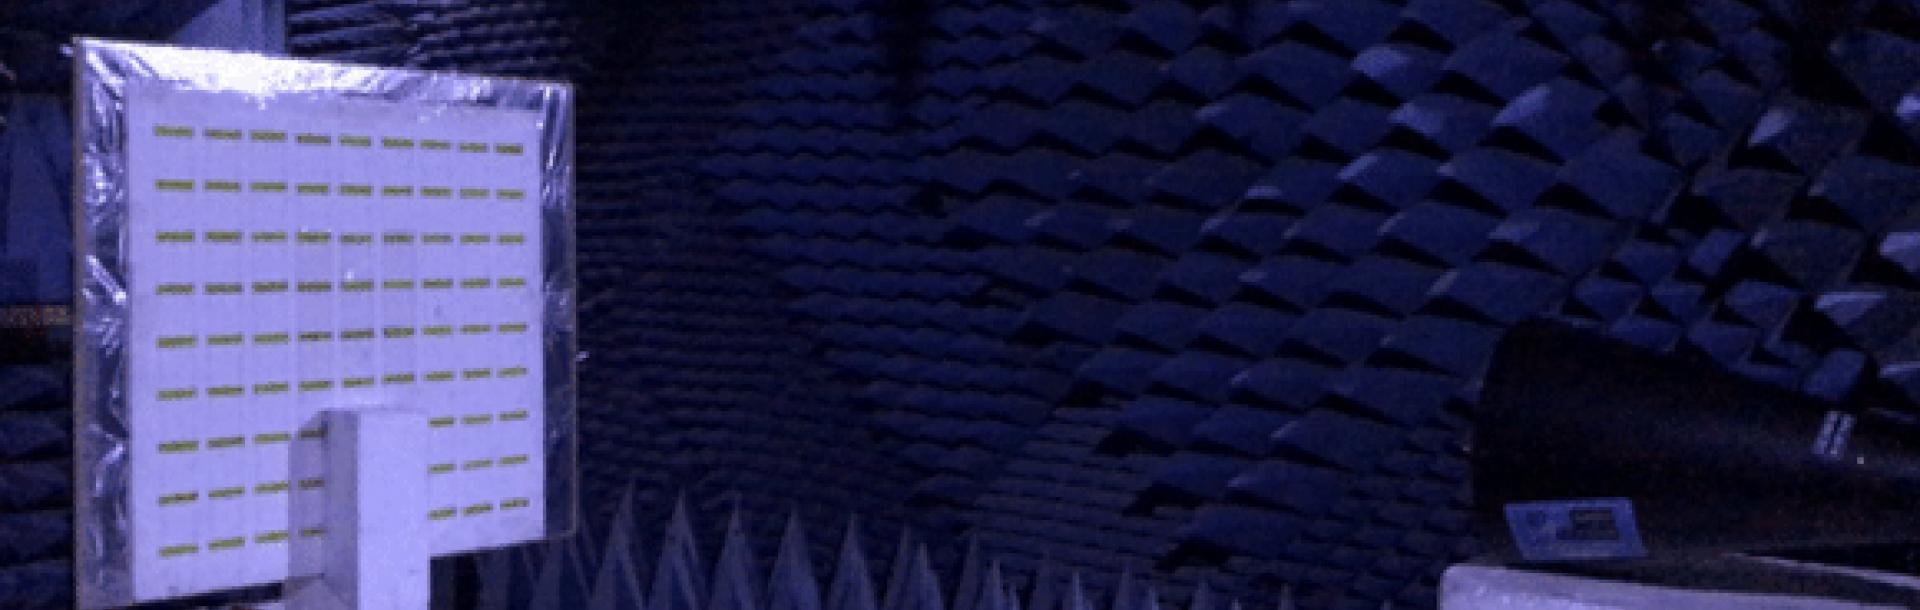 """הוידאו """"סט-אפ"""" מציג את מערכת ההתחמקות מהמכ""""ם יחד עם מסכת הפאזה."""